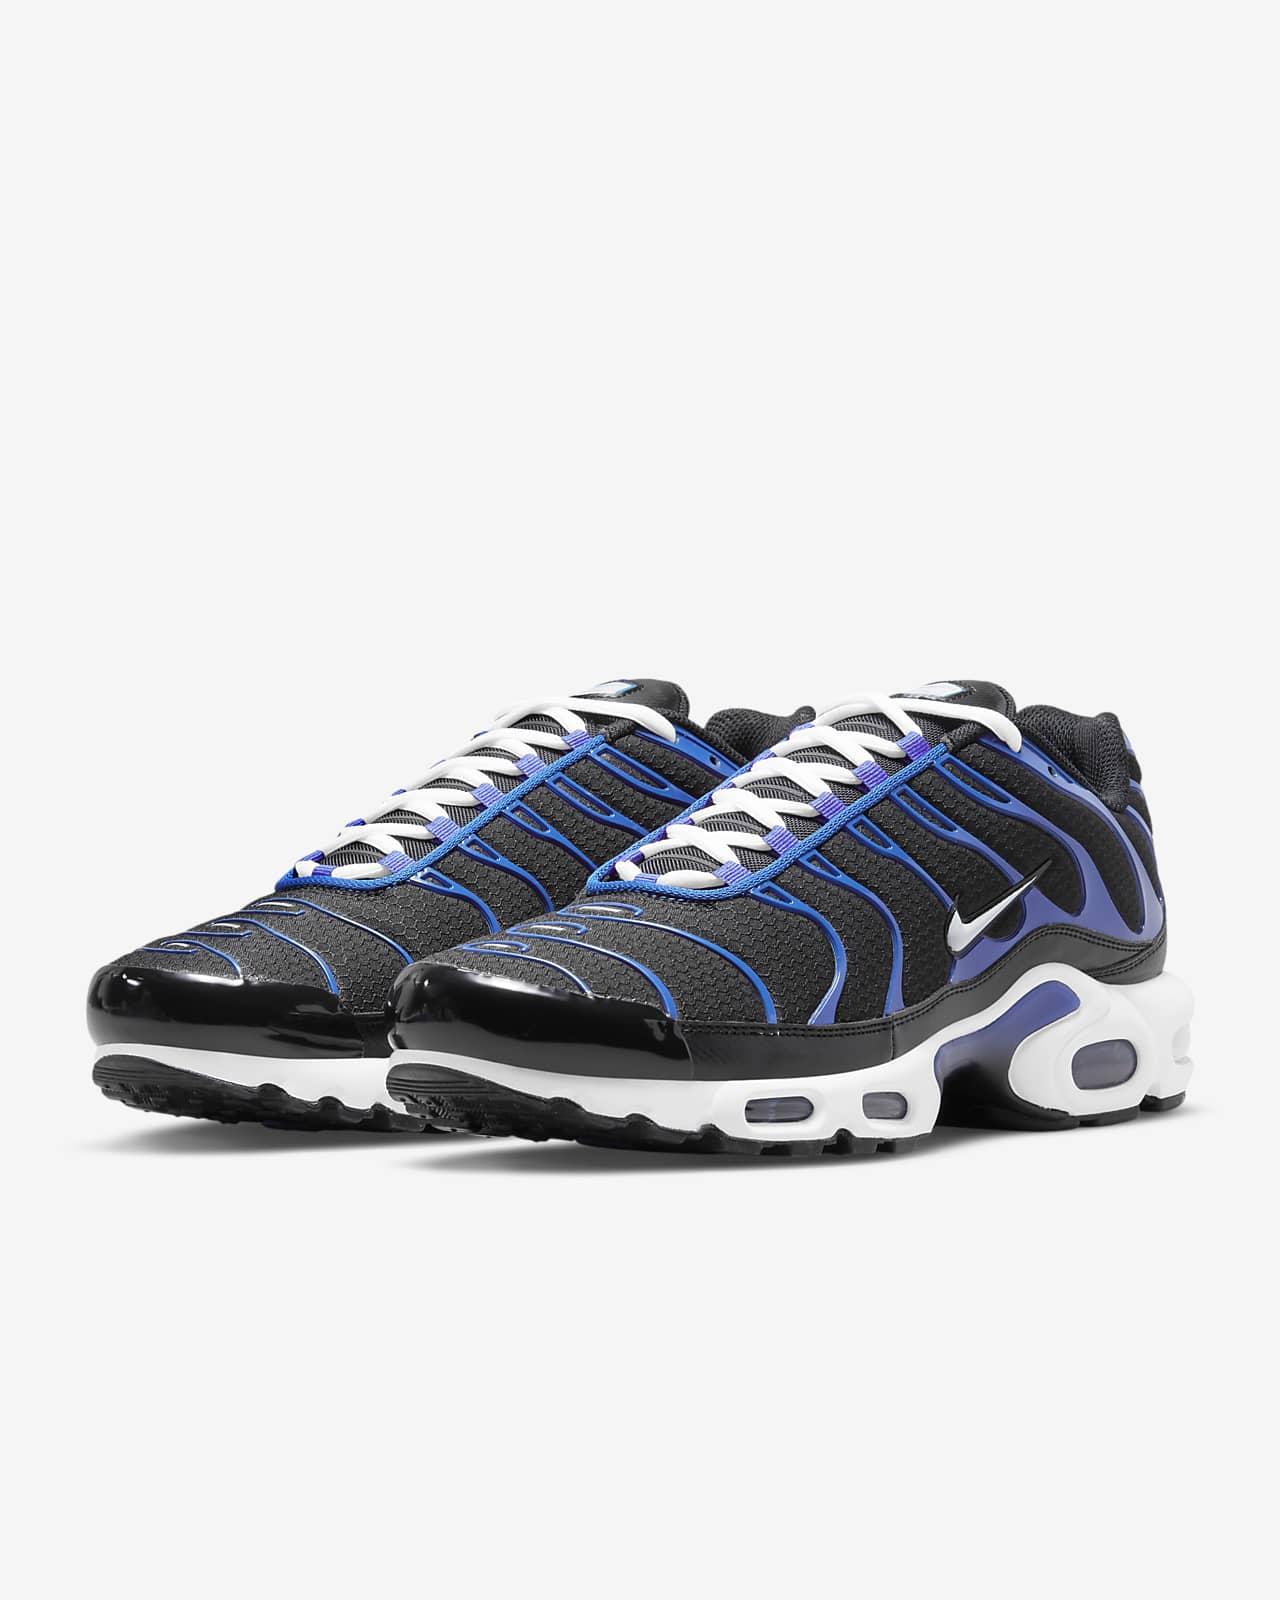 Nike Air Max Plus Men's Shoe. Nike LU